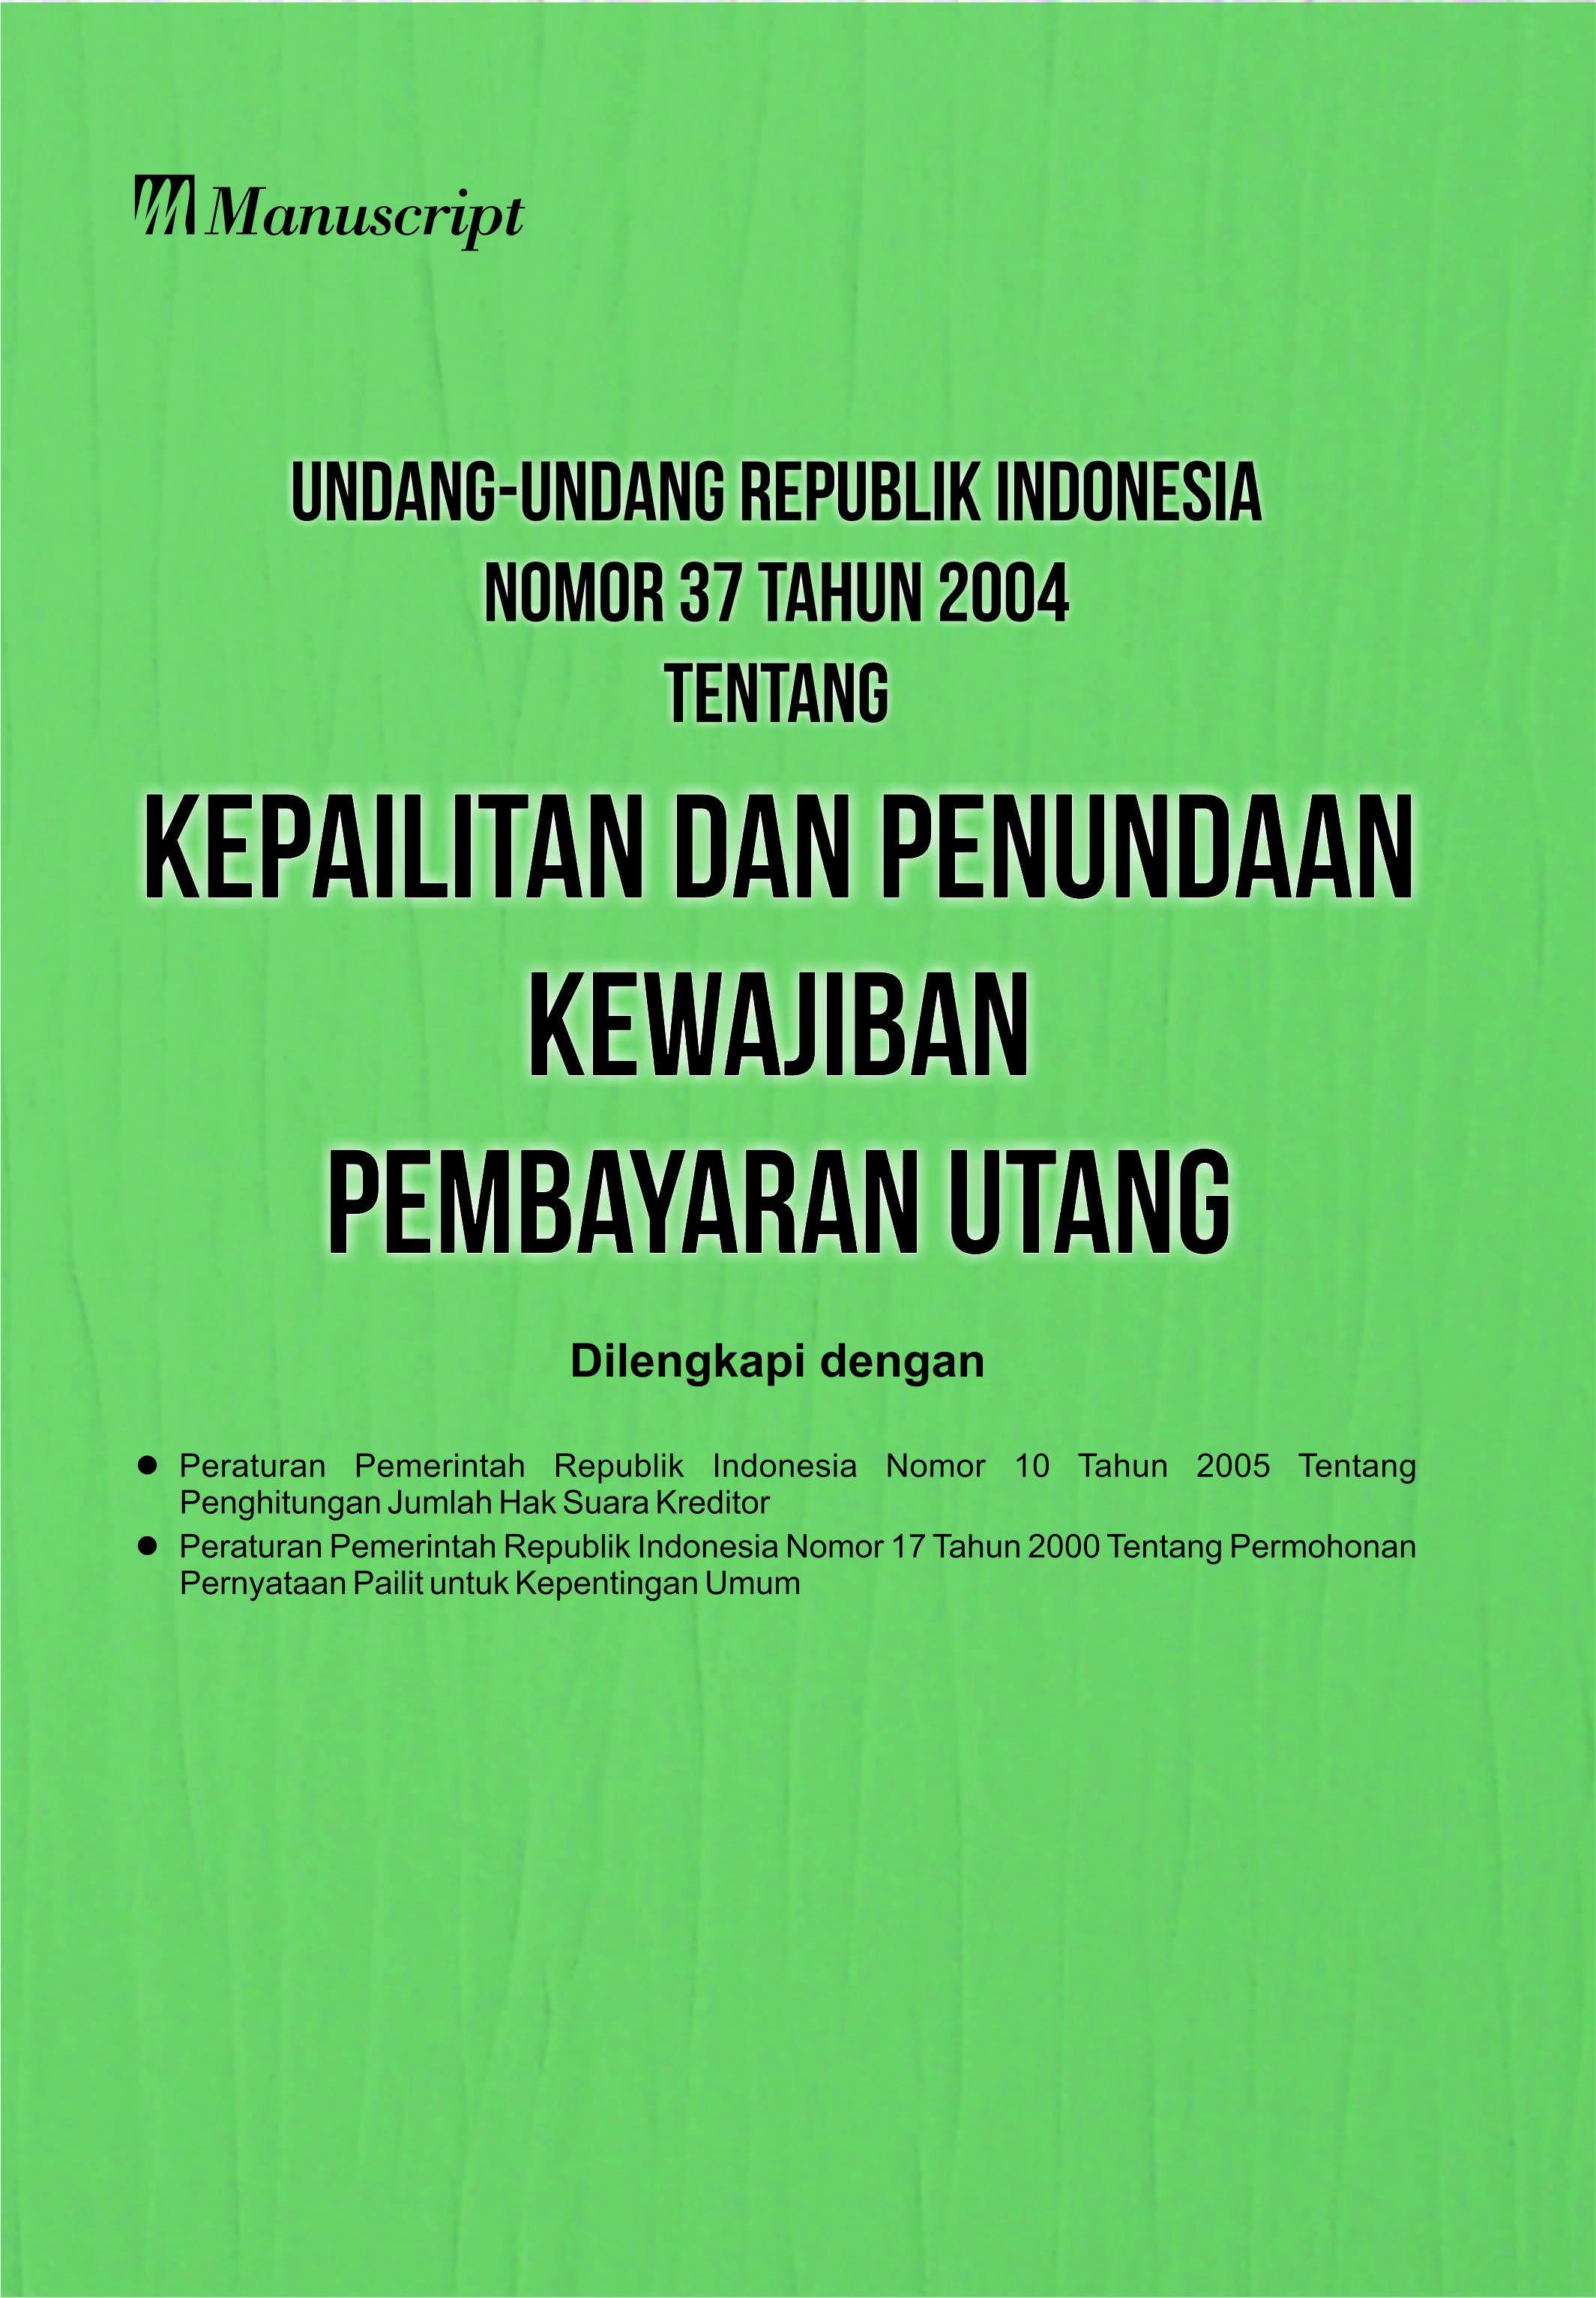 Undang-Undang Republik Indonesia Nomor 37 Tahun 2004 Tentang Kepailitan dan Penundaan Kewajiban Pembayaran Utang